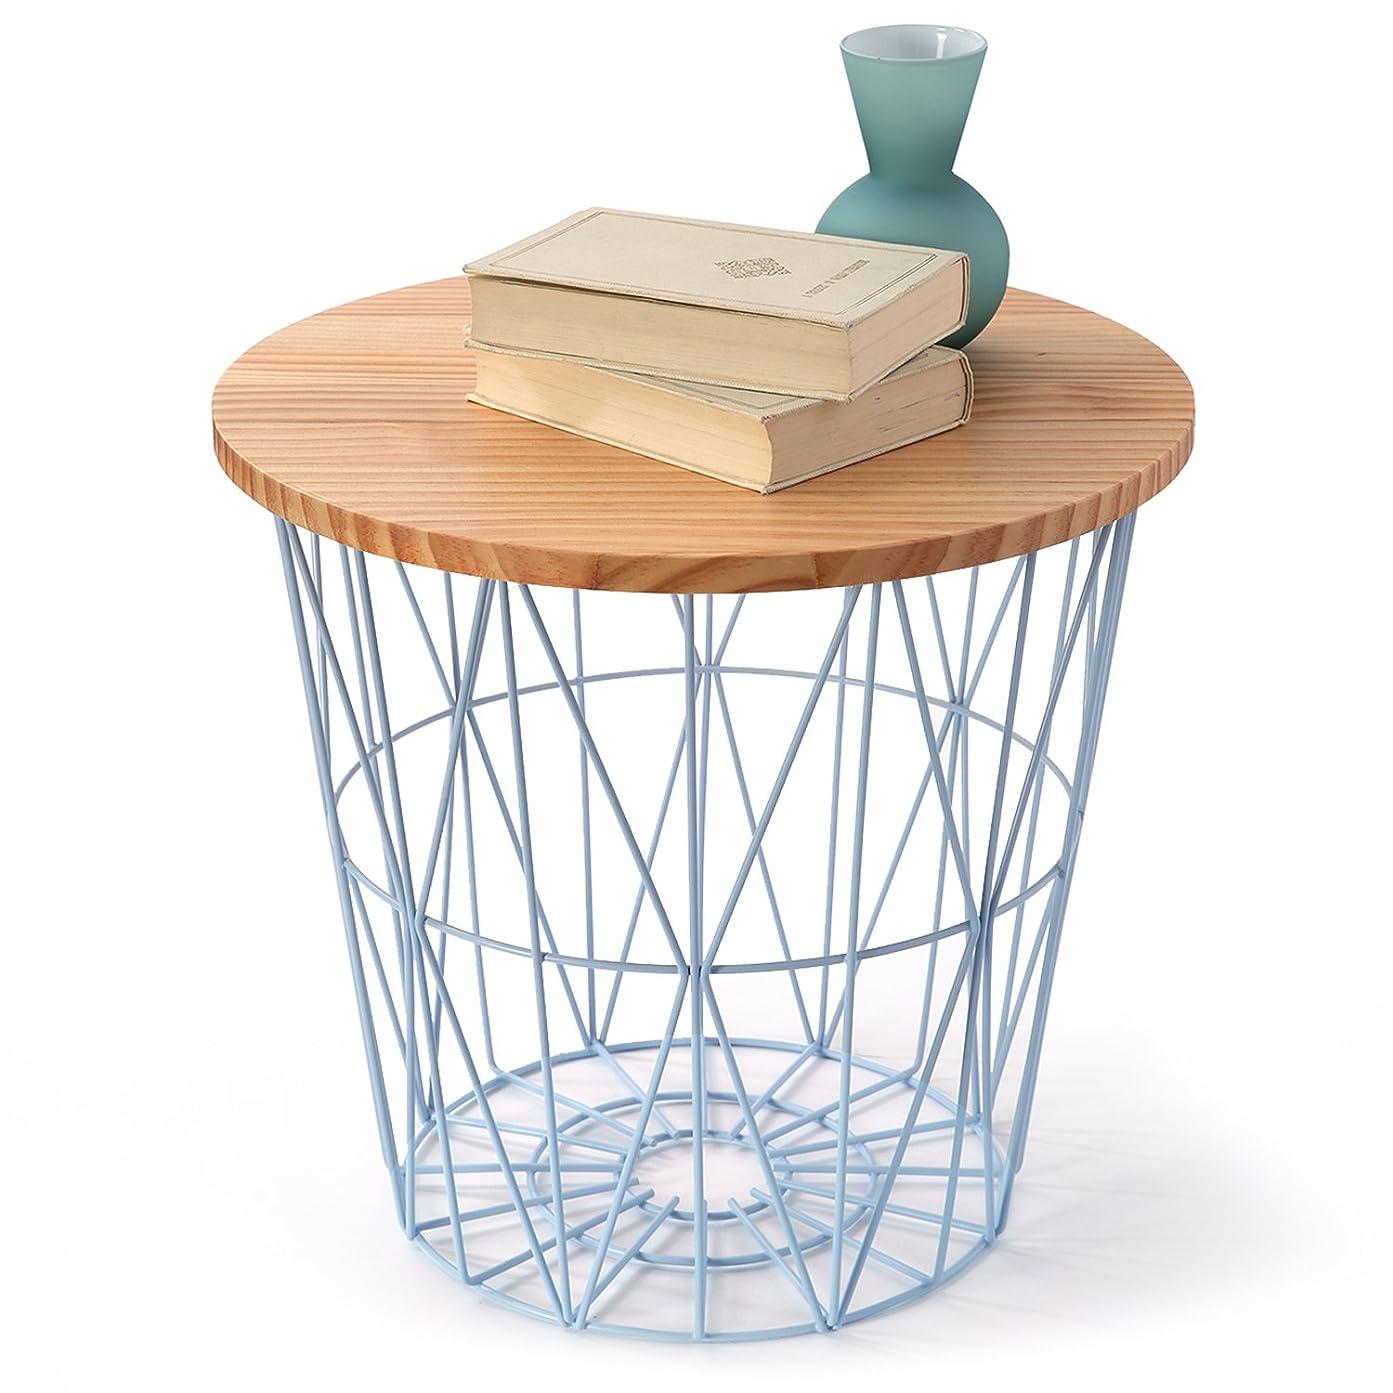 熟達した特別に結婚式LOWYA (ロウヤ) ワイヤーバスケット バスケット サイドテーブルとしても利用可能 天然木天板 おもちゃ収納 スチール素材 おしゃれ 高さ39cmタイプ ナチュラル/ブルー 新生活